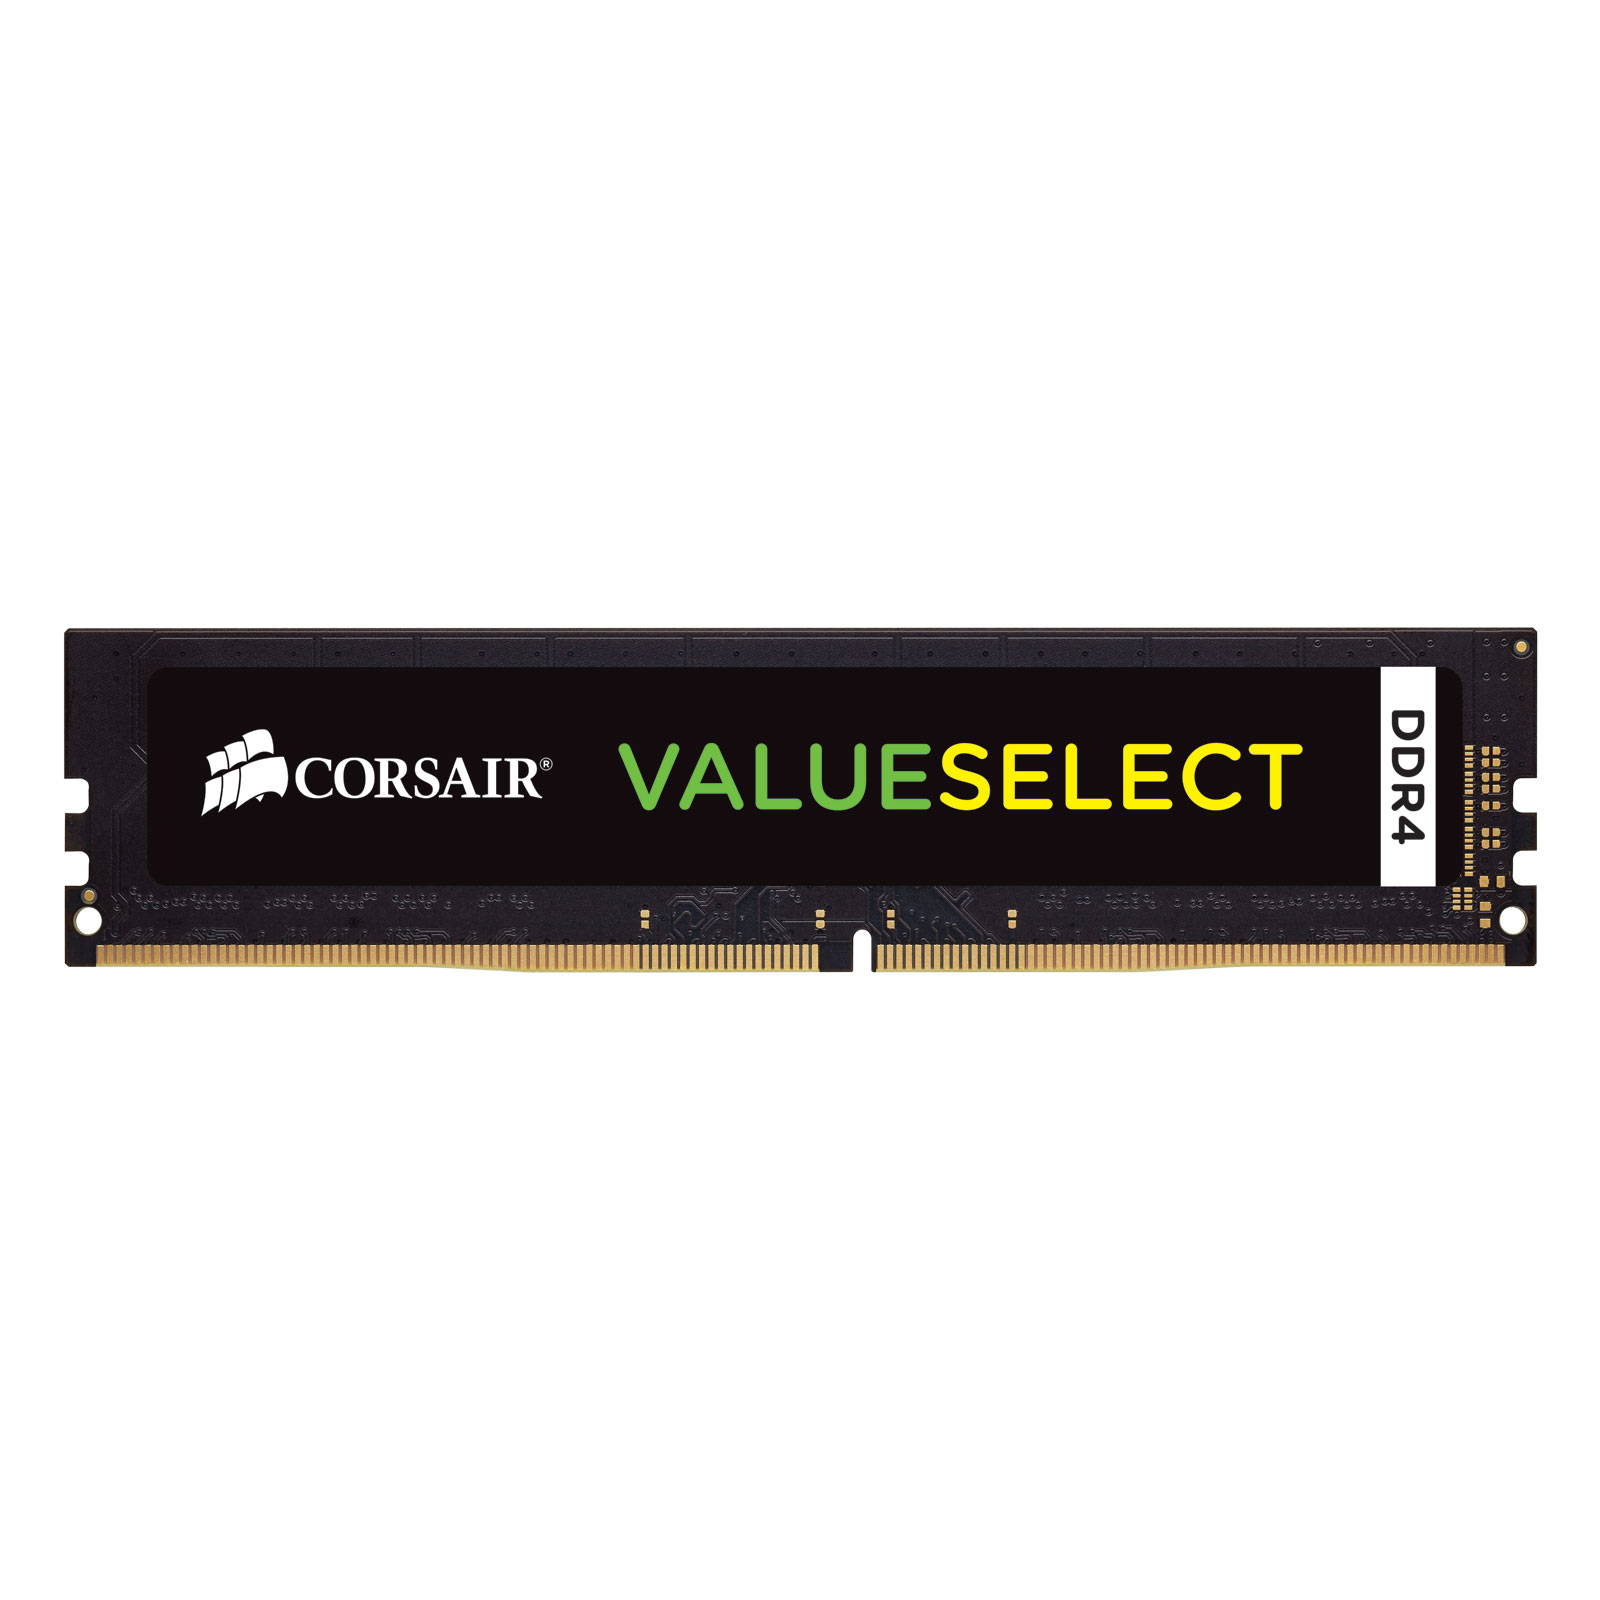 Mémoire PC Corsair ValueSelect 16 Go DDR4 2133 MHz CL15  RAM DDR4 PC4-17000 - CMV16GX4M1A2133C15 (garantie à vie par Corsair)